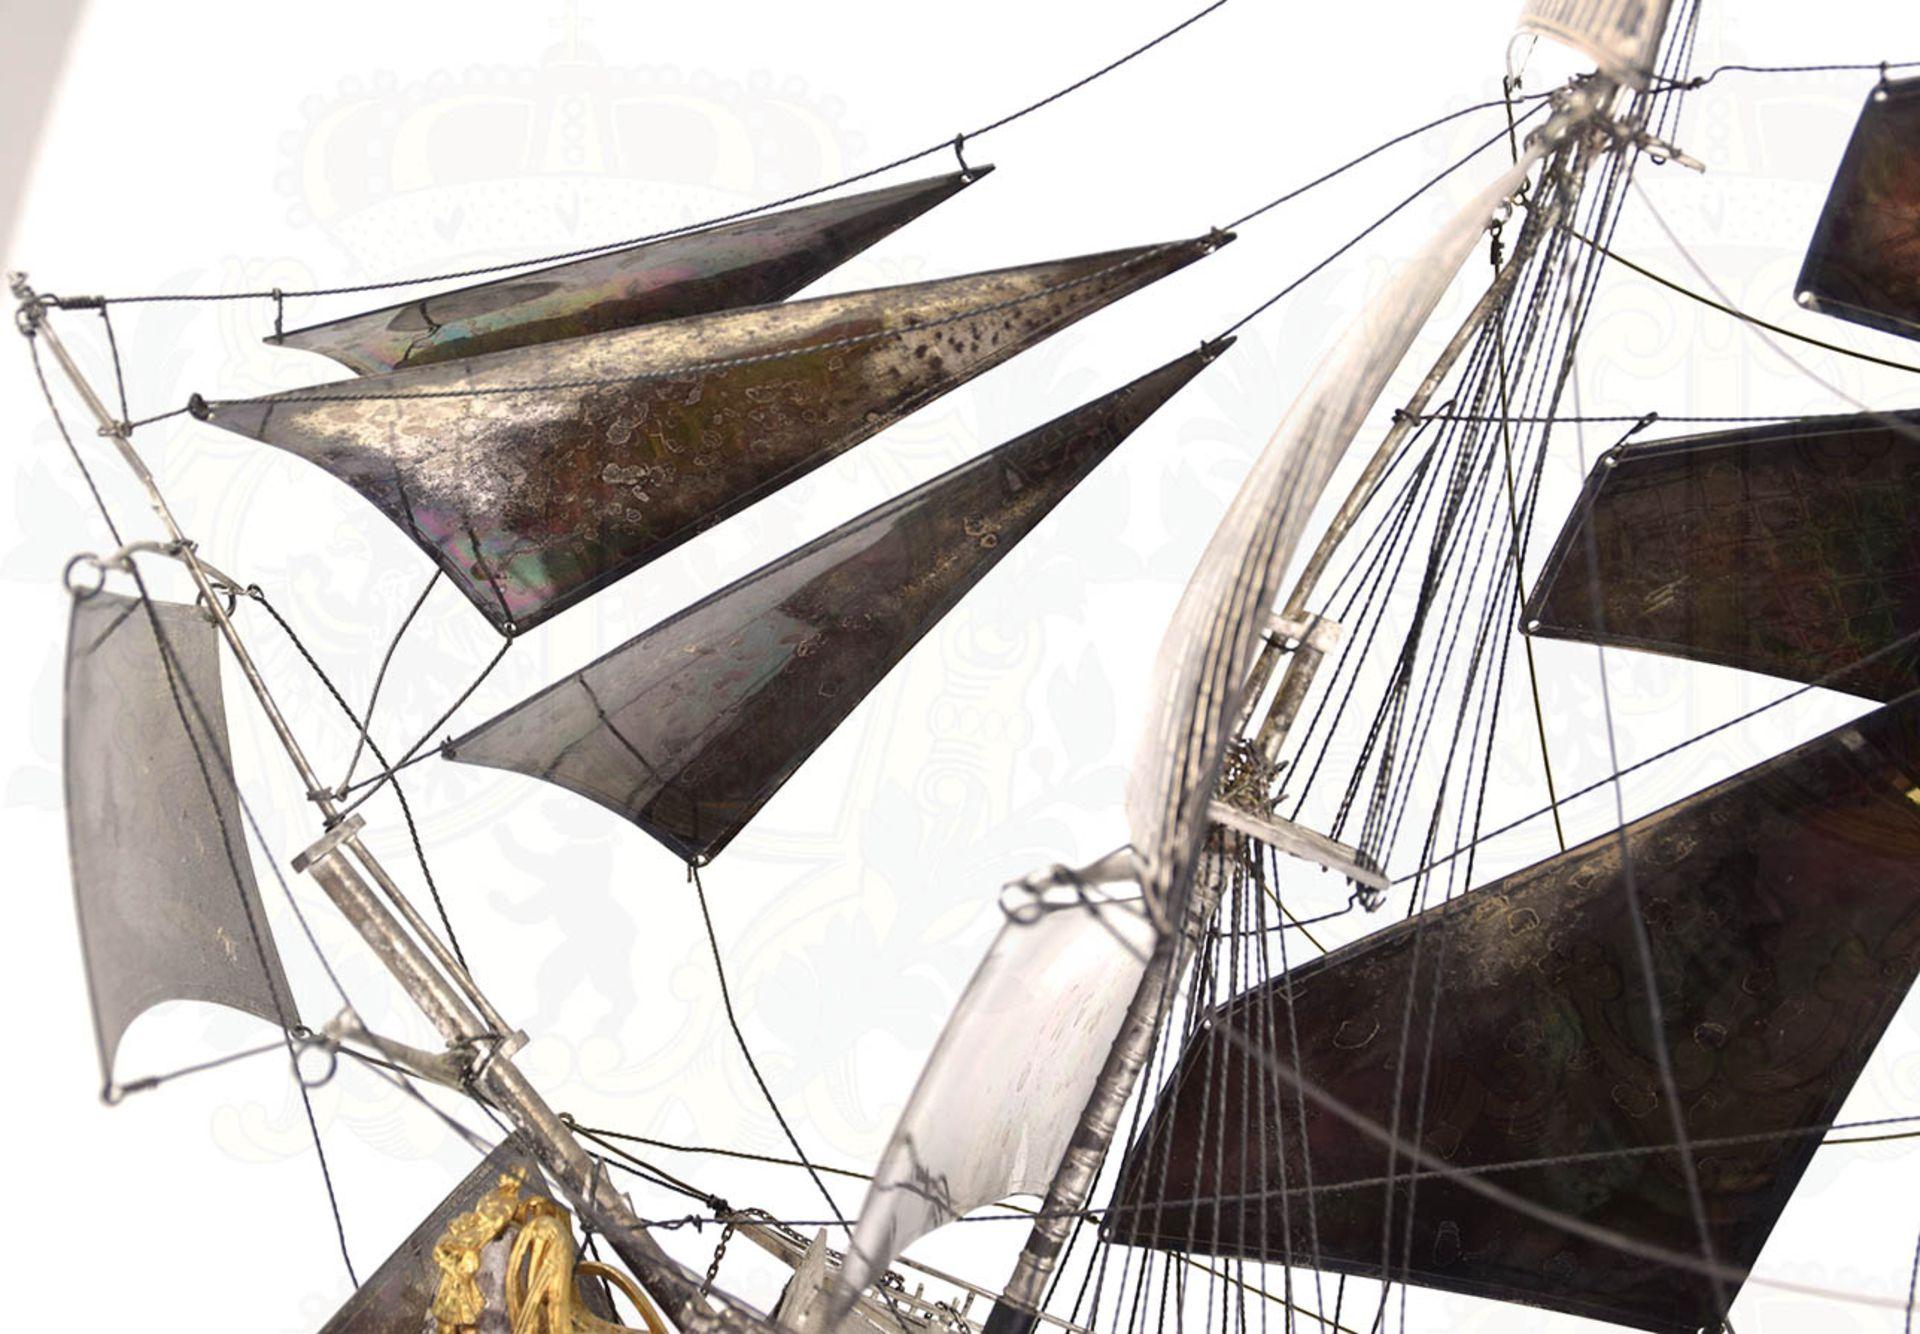 MODELL-LINIENSCHIFF, Dreidecker-Segellinienschiff der 2. Hälfte des 18. Jhd. mit 100 Kanonen, - Bild 8 aus 15